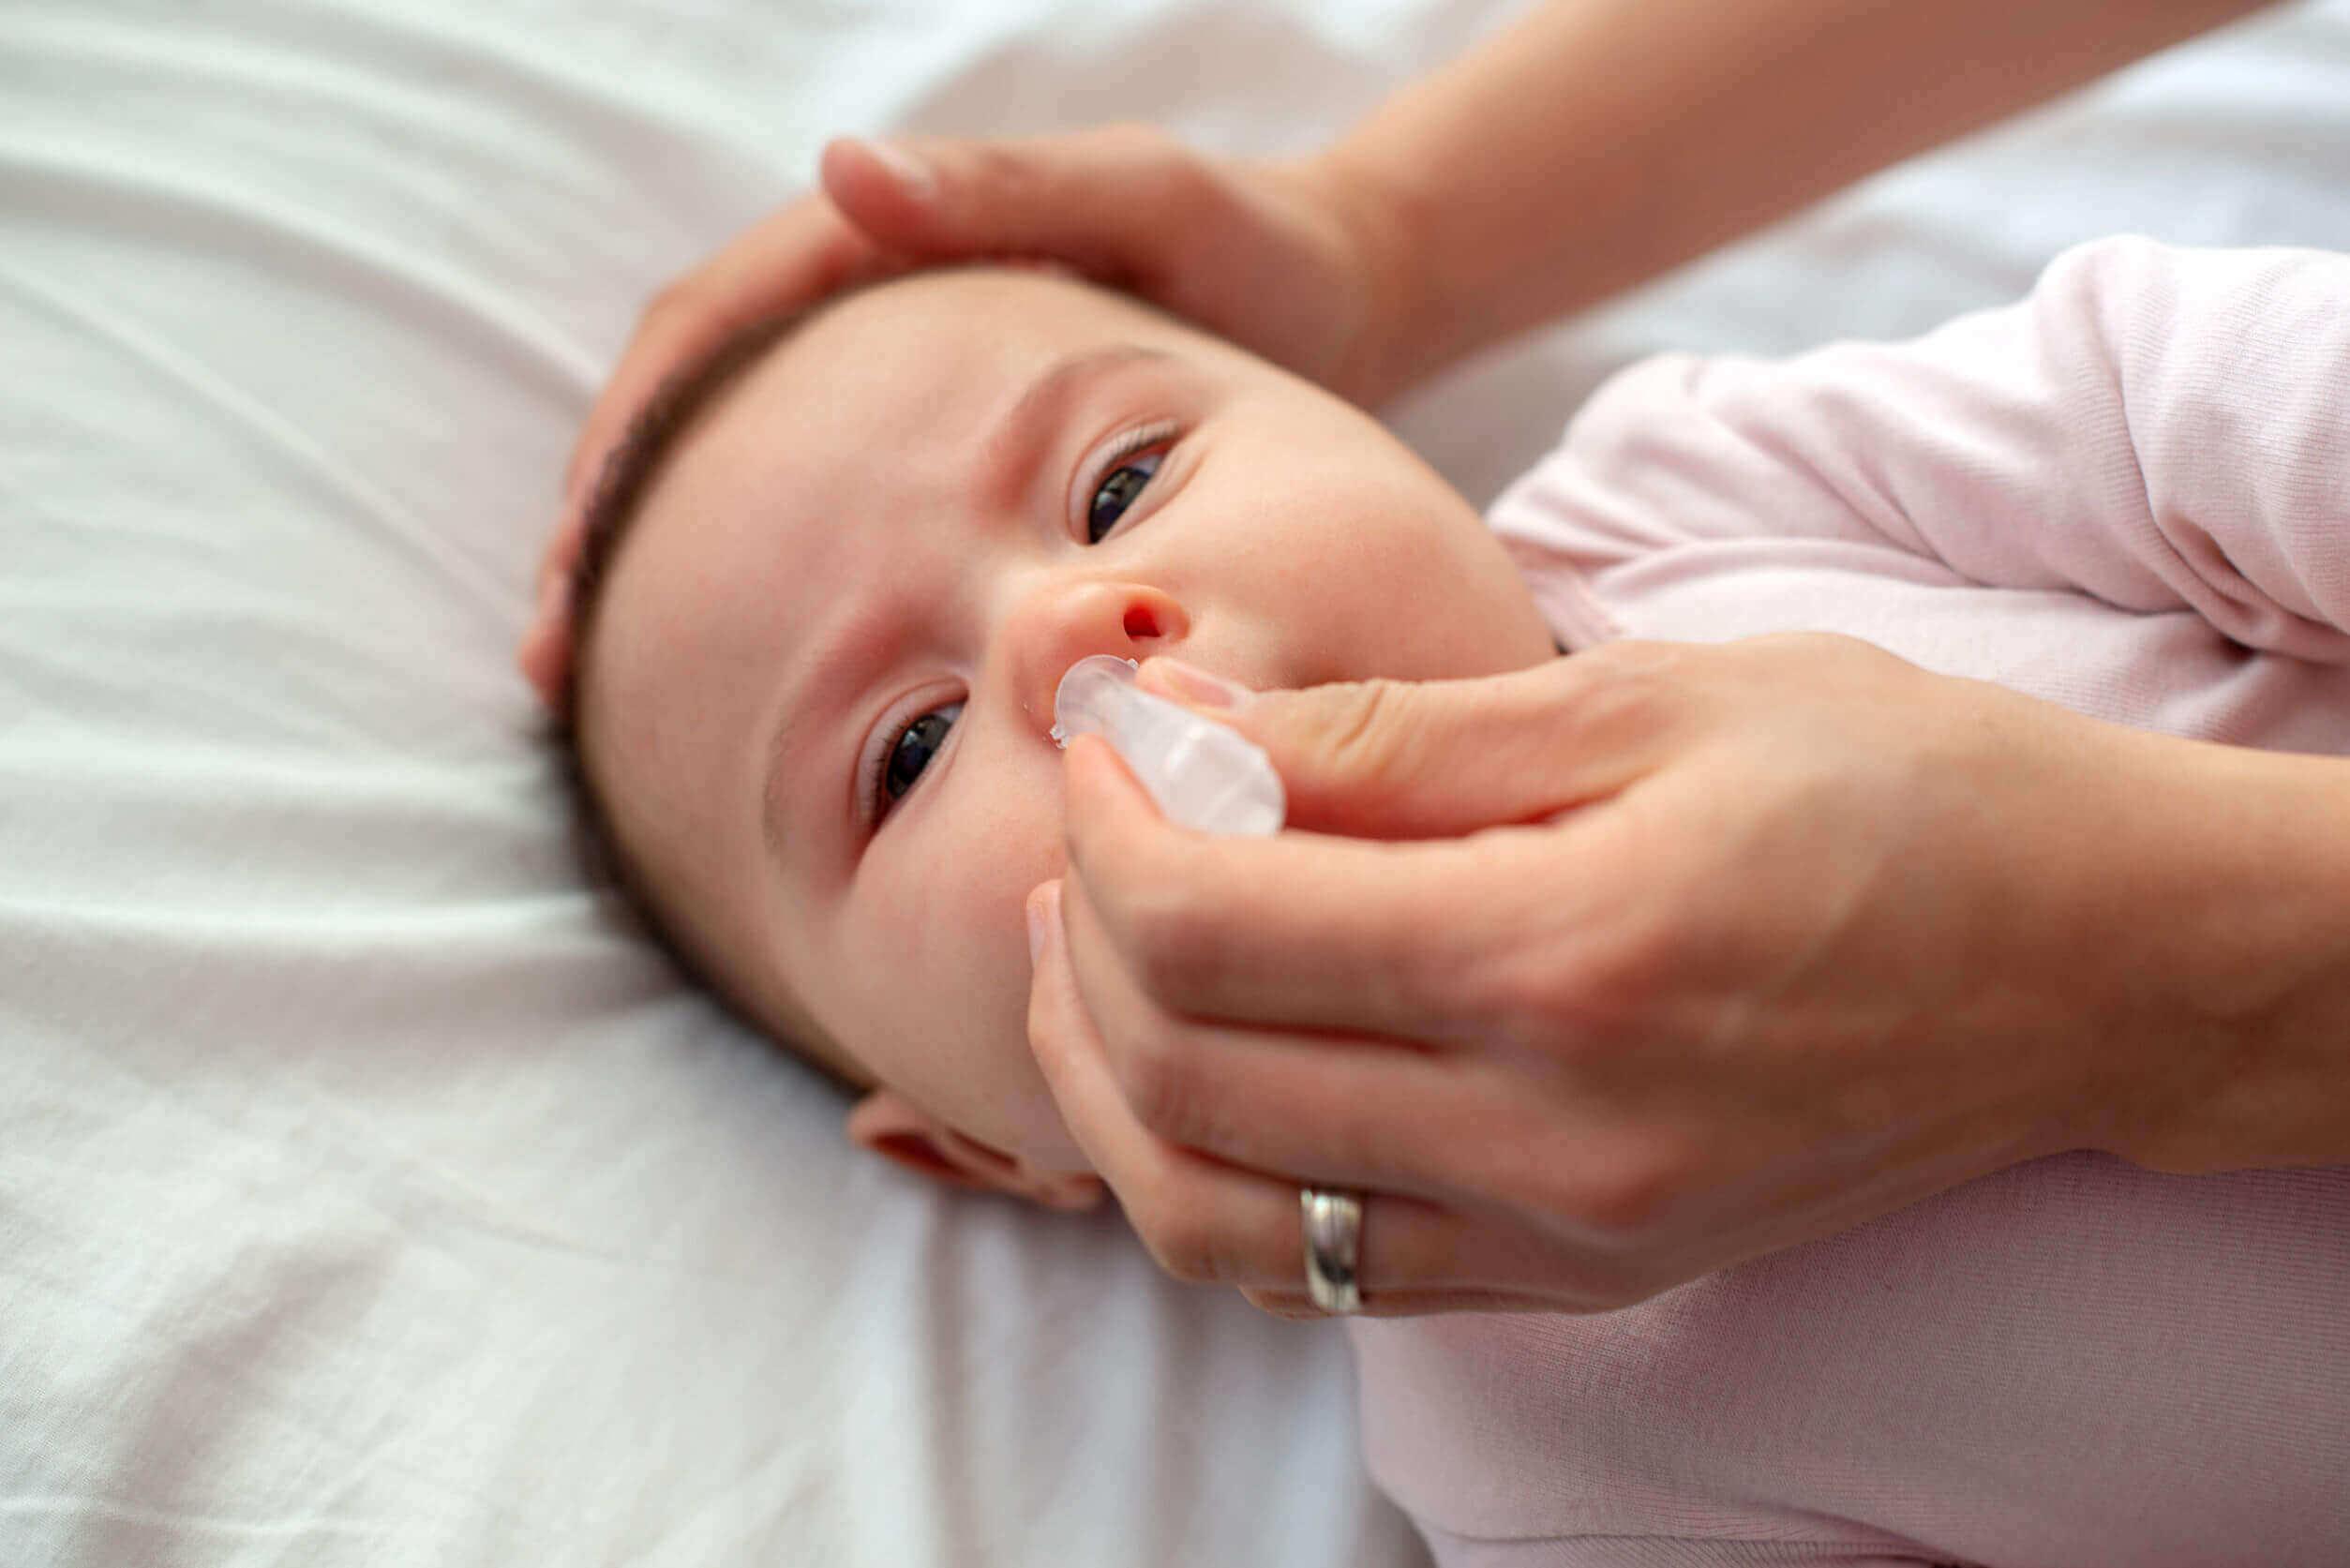 burun damlası damlatılan bebek